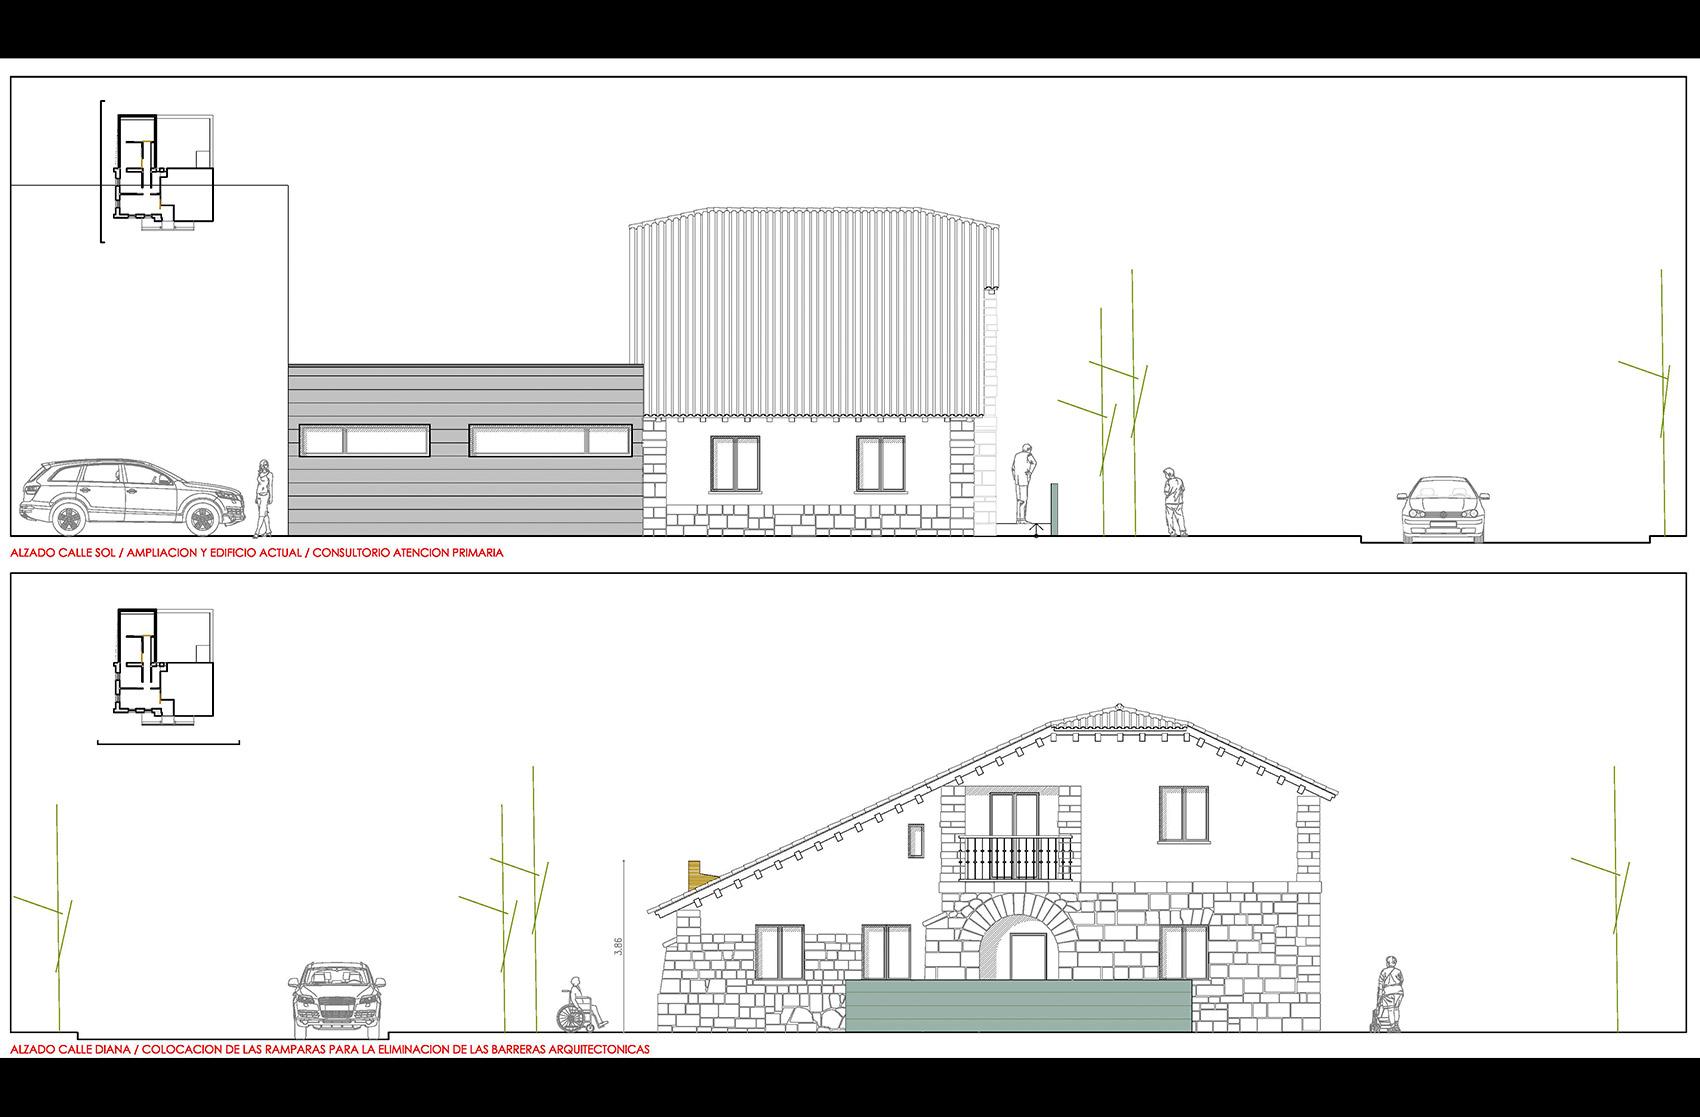 plano Centro Atencion Primaria Navas San Antonio